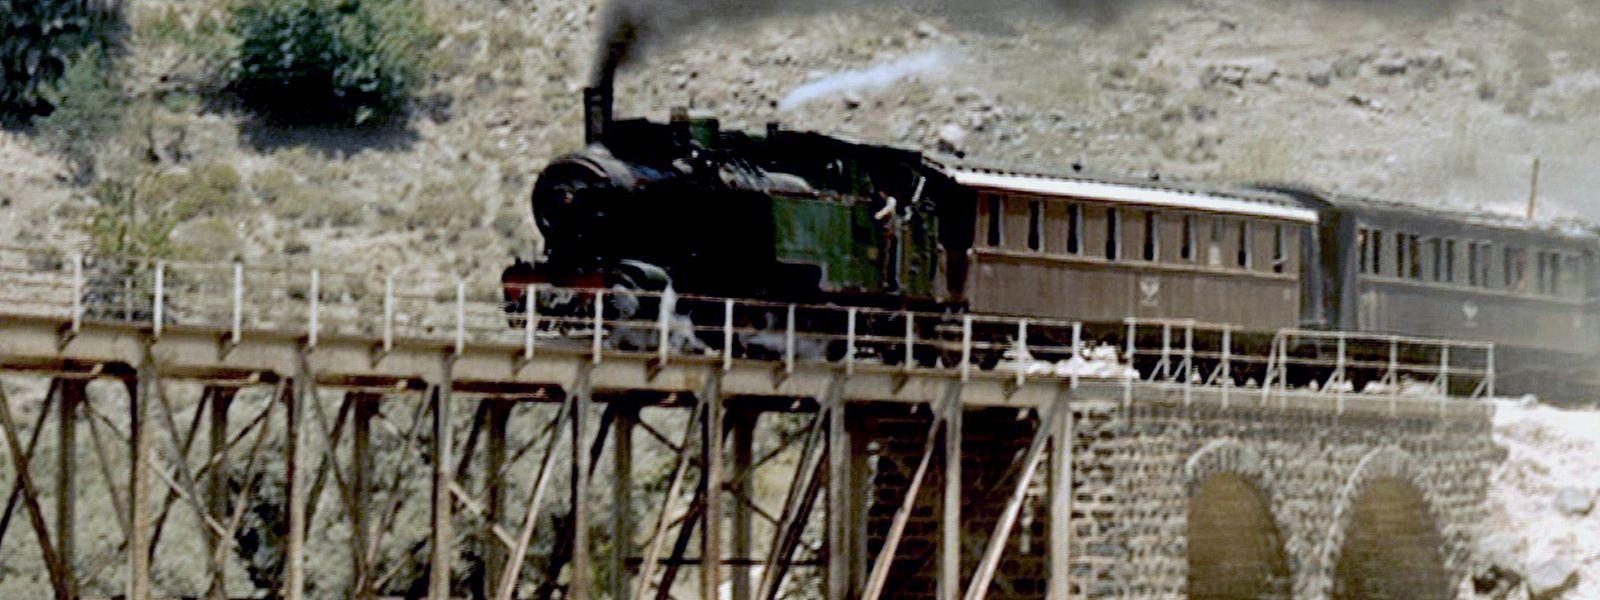 Die Bagdad-Bahn zählt zu den legendären Linien Europas.